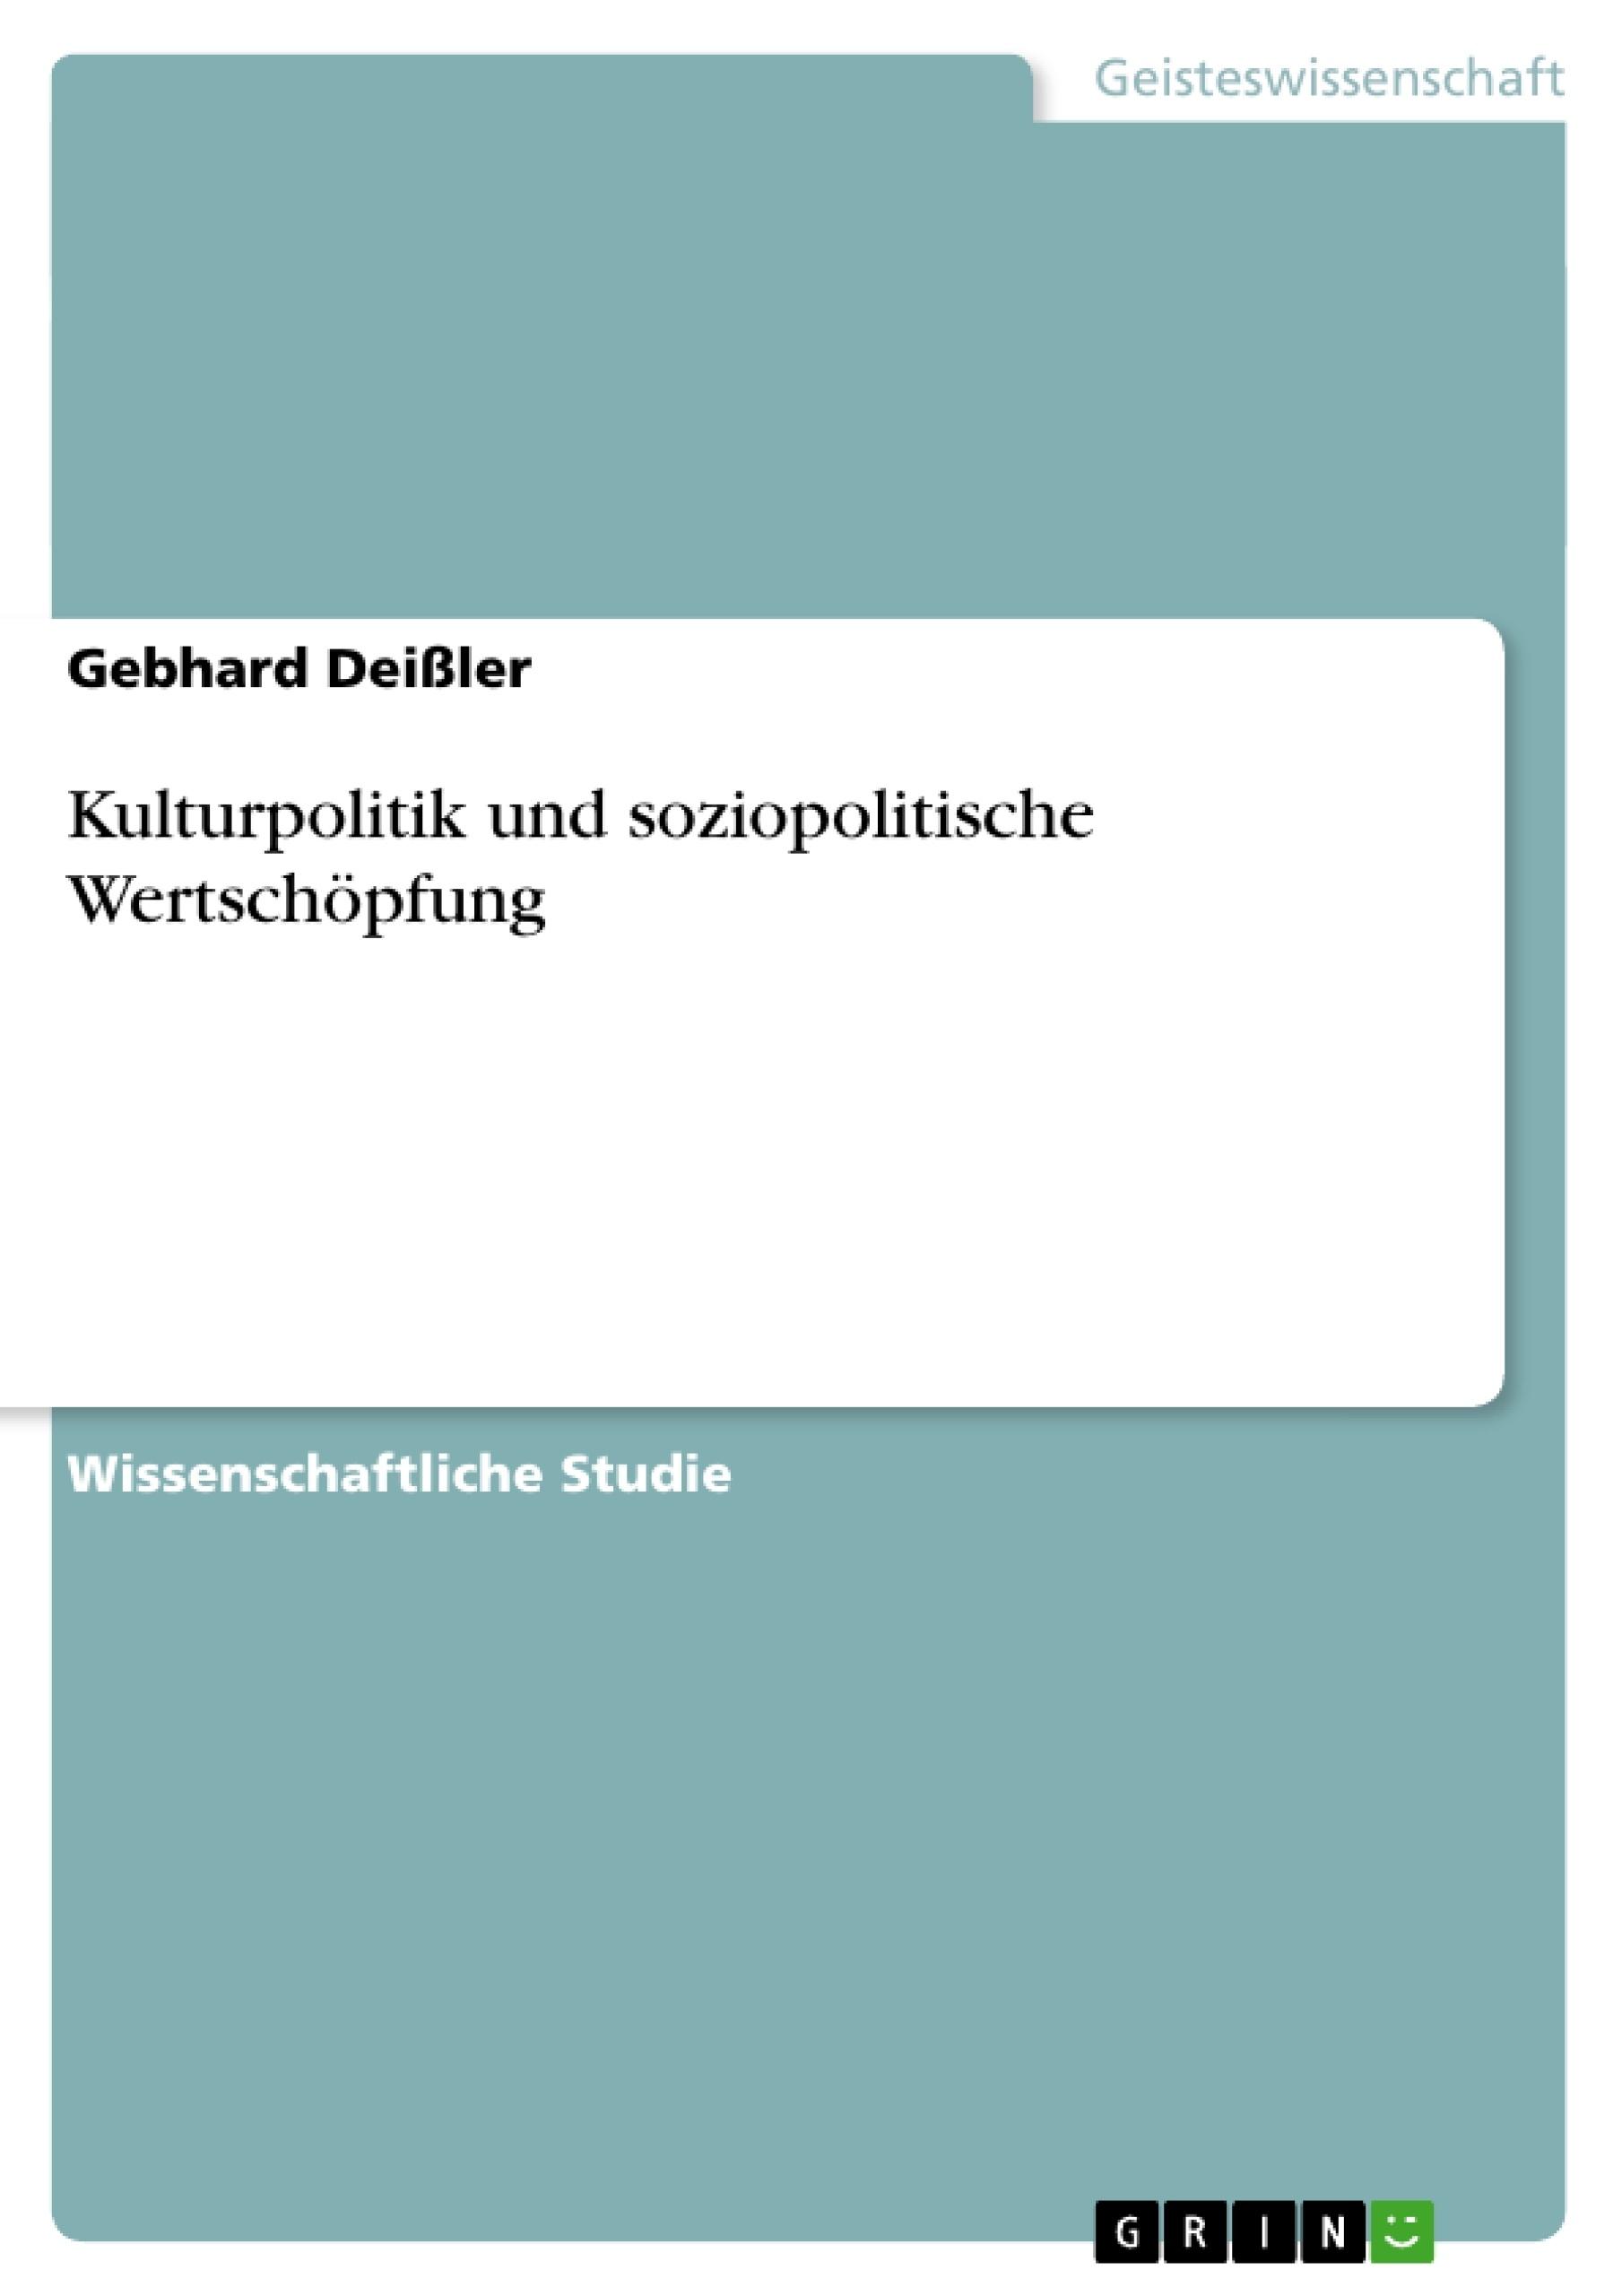 Titel: Kulturpolitik und soziopolitische Wertschöpfung